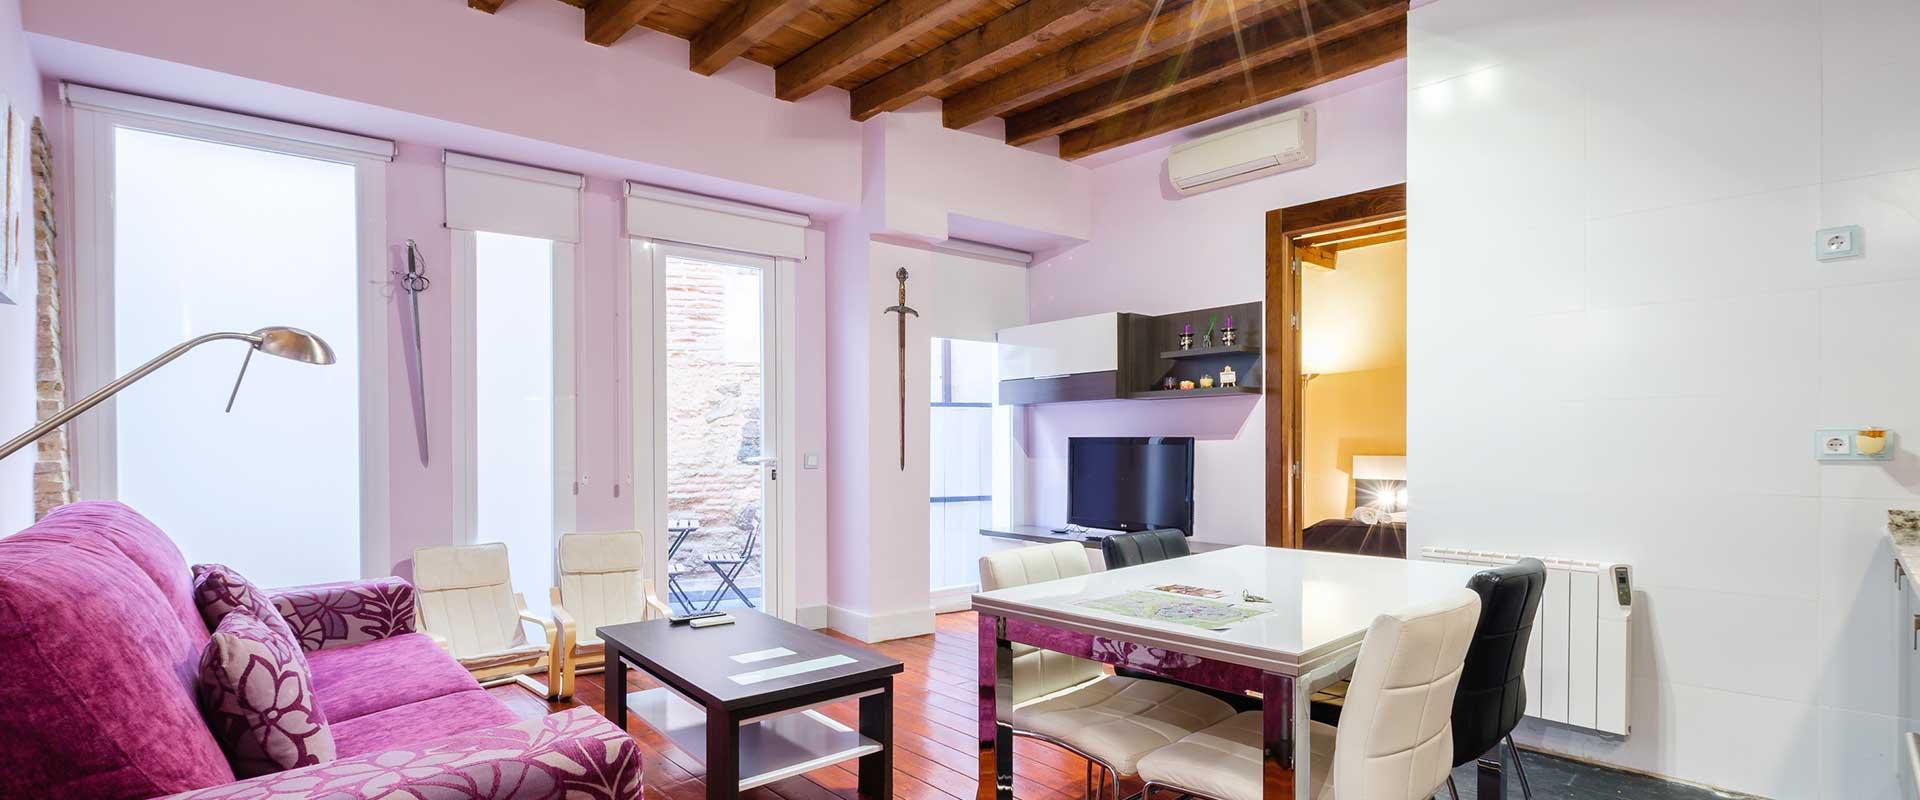 apartamentoconpatio 2 - Alojamiento para empresas en Toledo - Toledo Ap Alojamientos turísticos